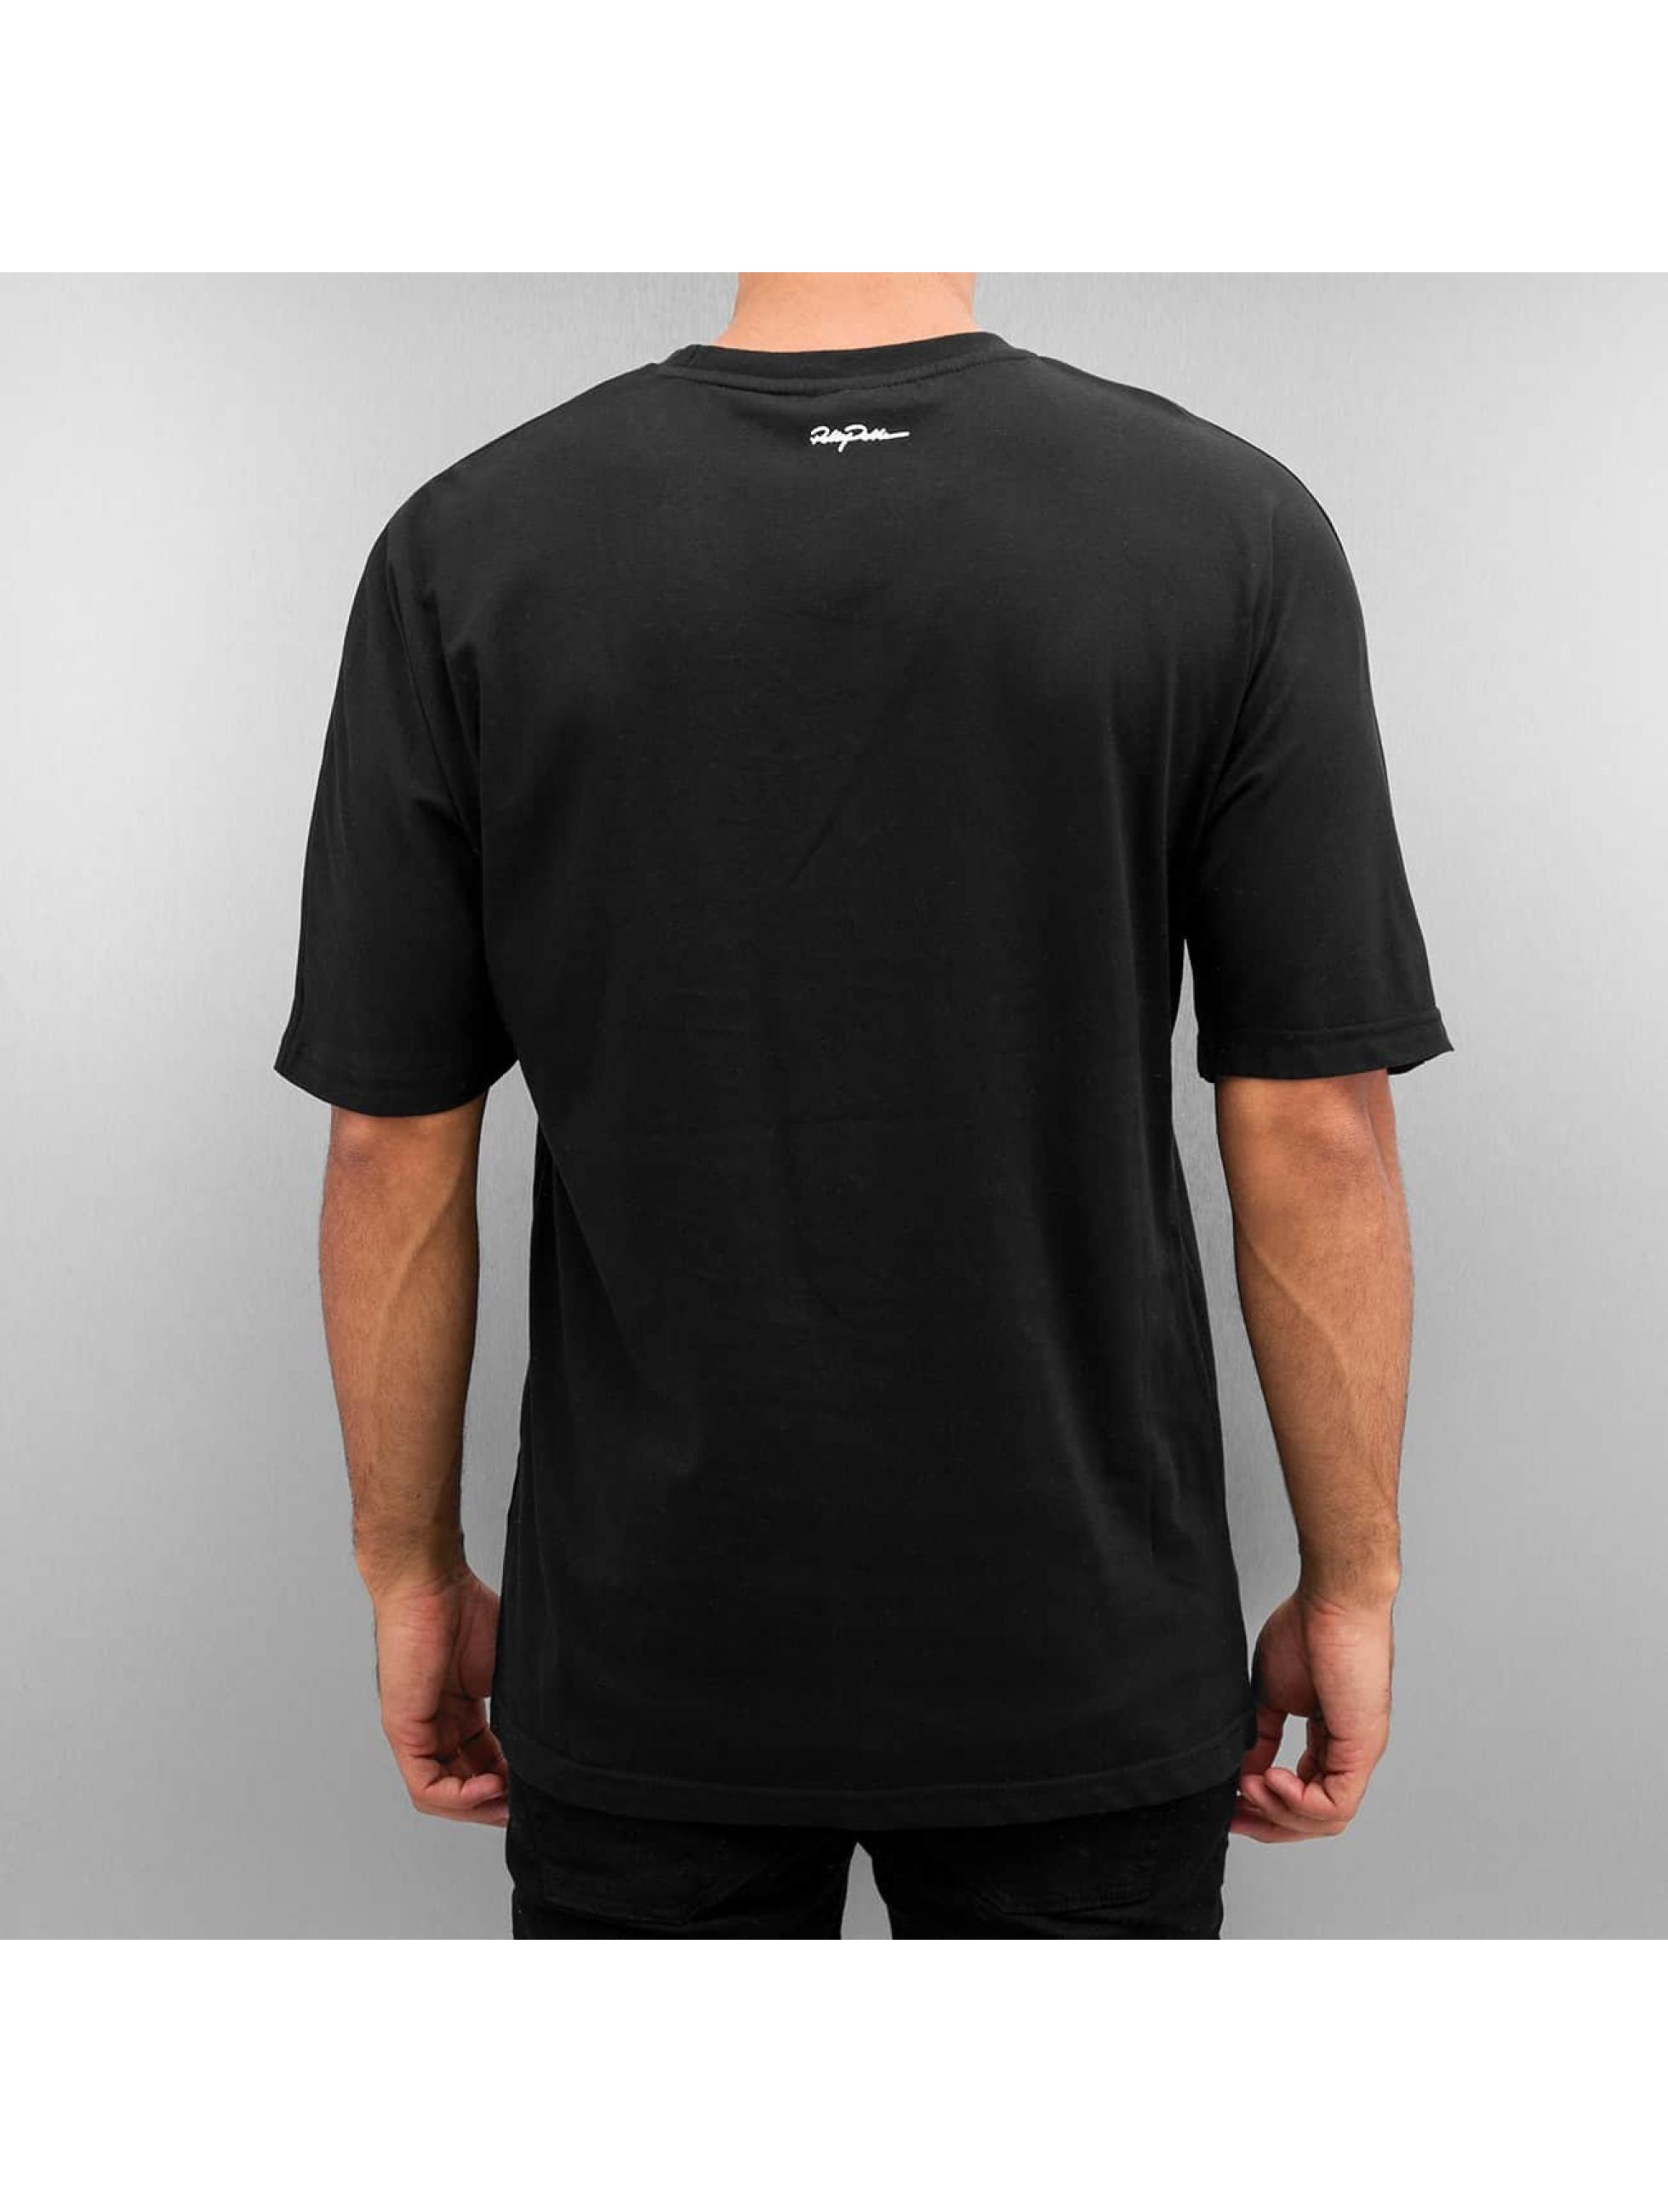 Pelle Pelle T-Shirt Signature Blow-Up schwarz